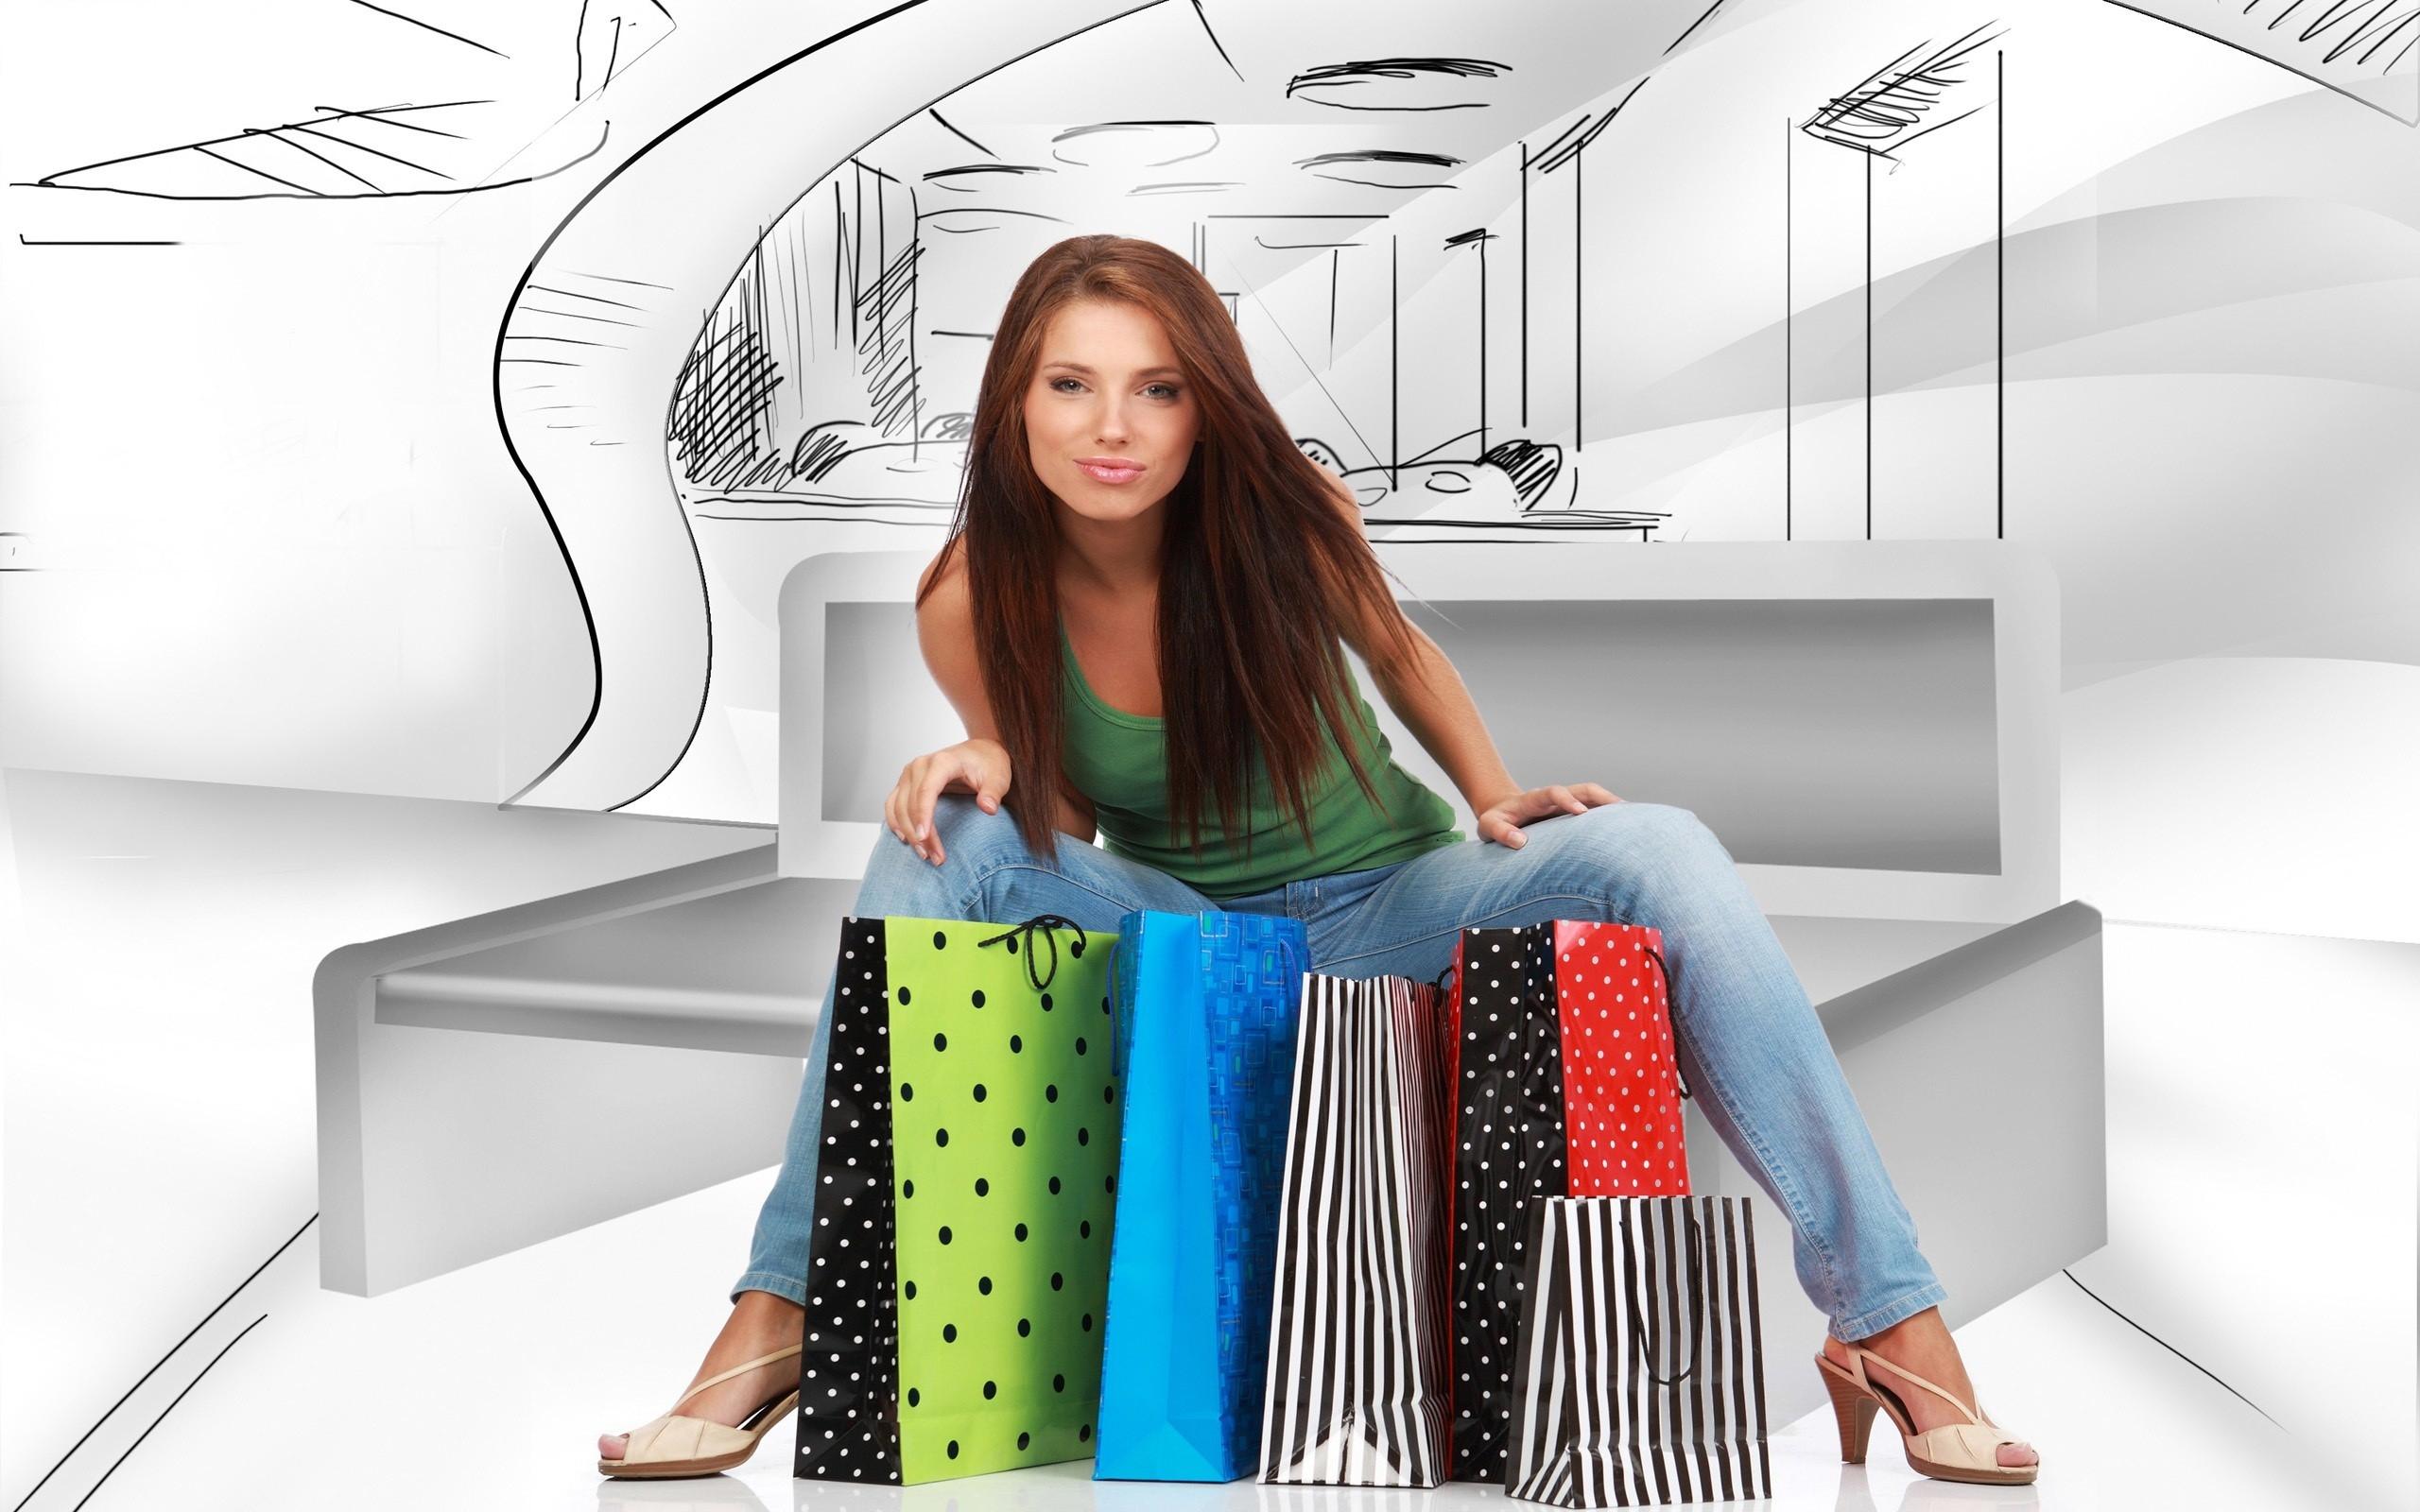 картинка на рекламу группы по продаже одежды ротана-это